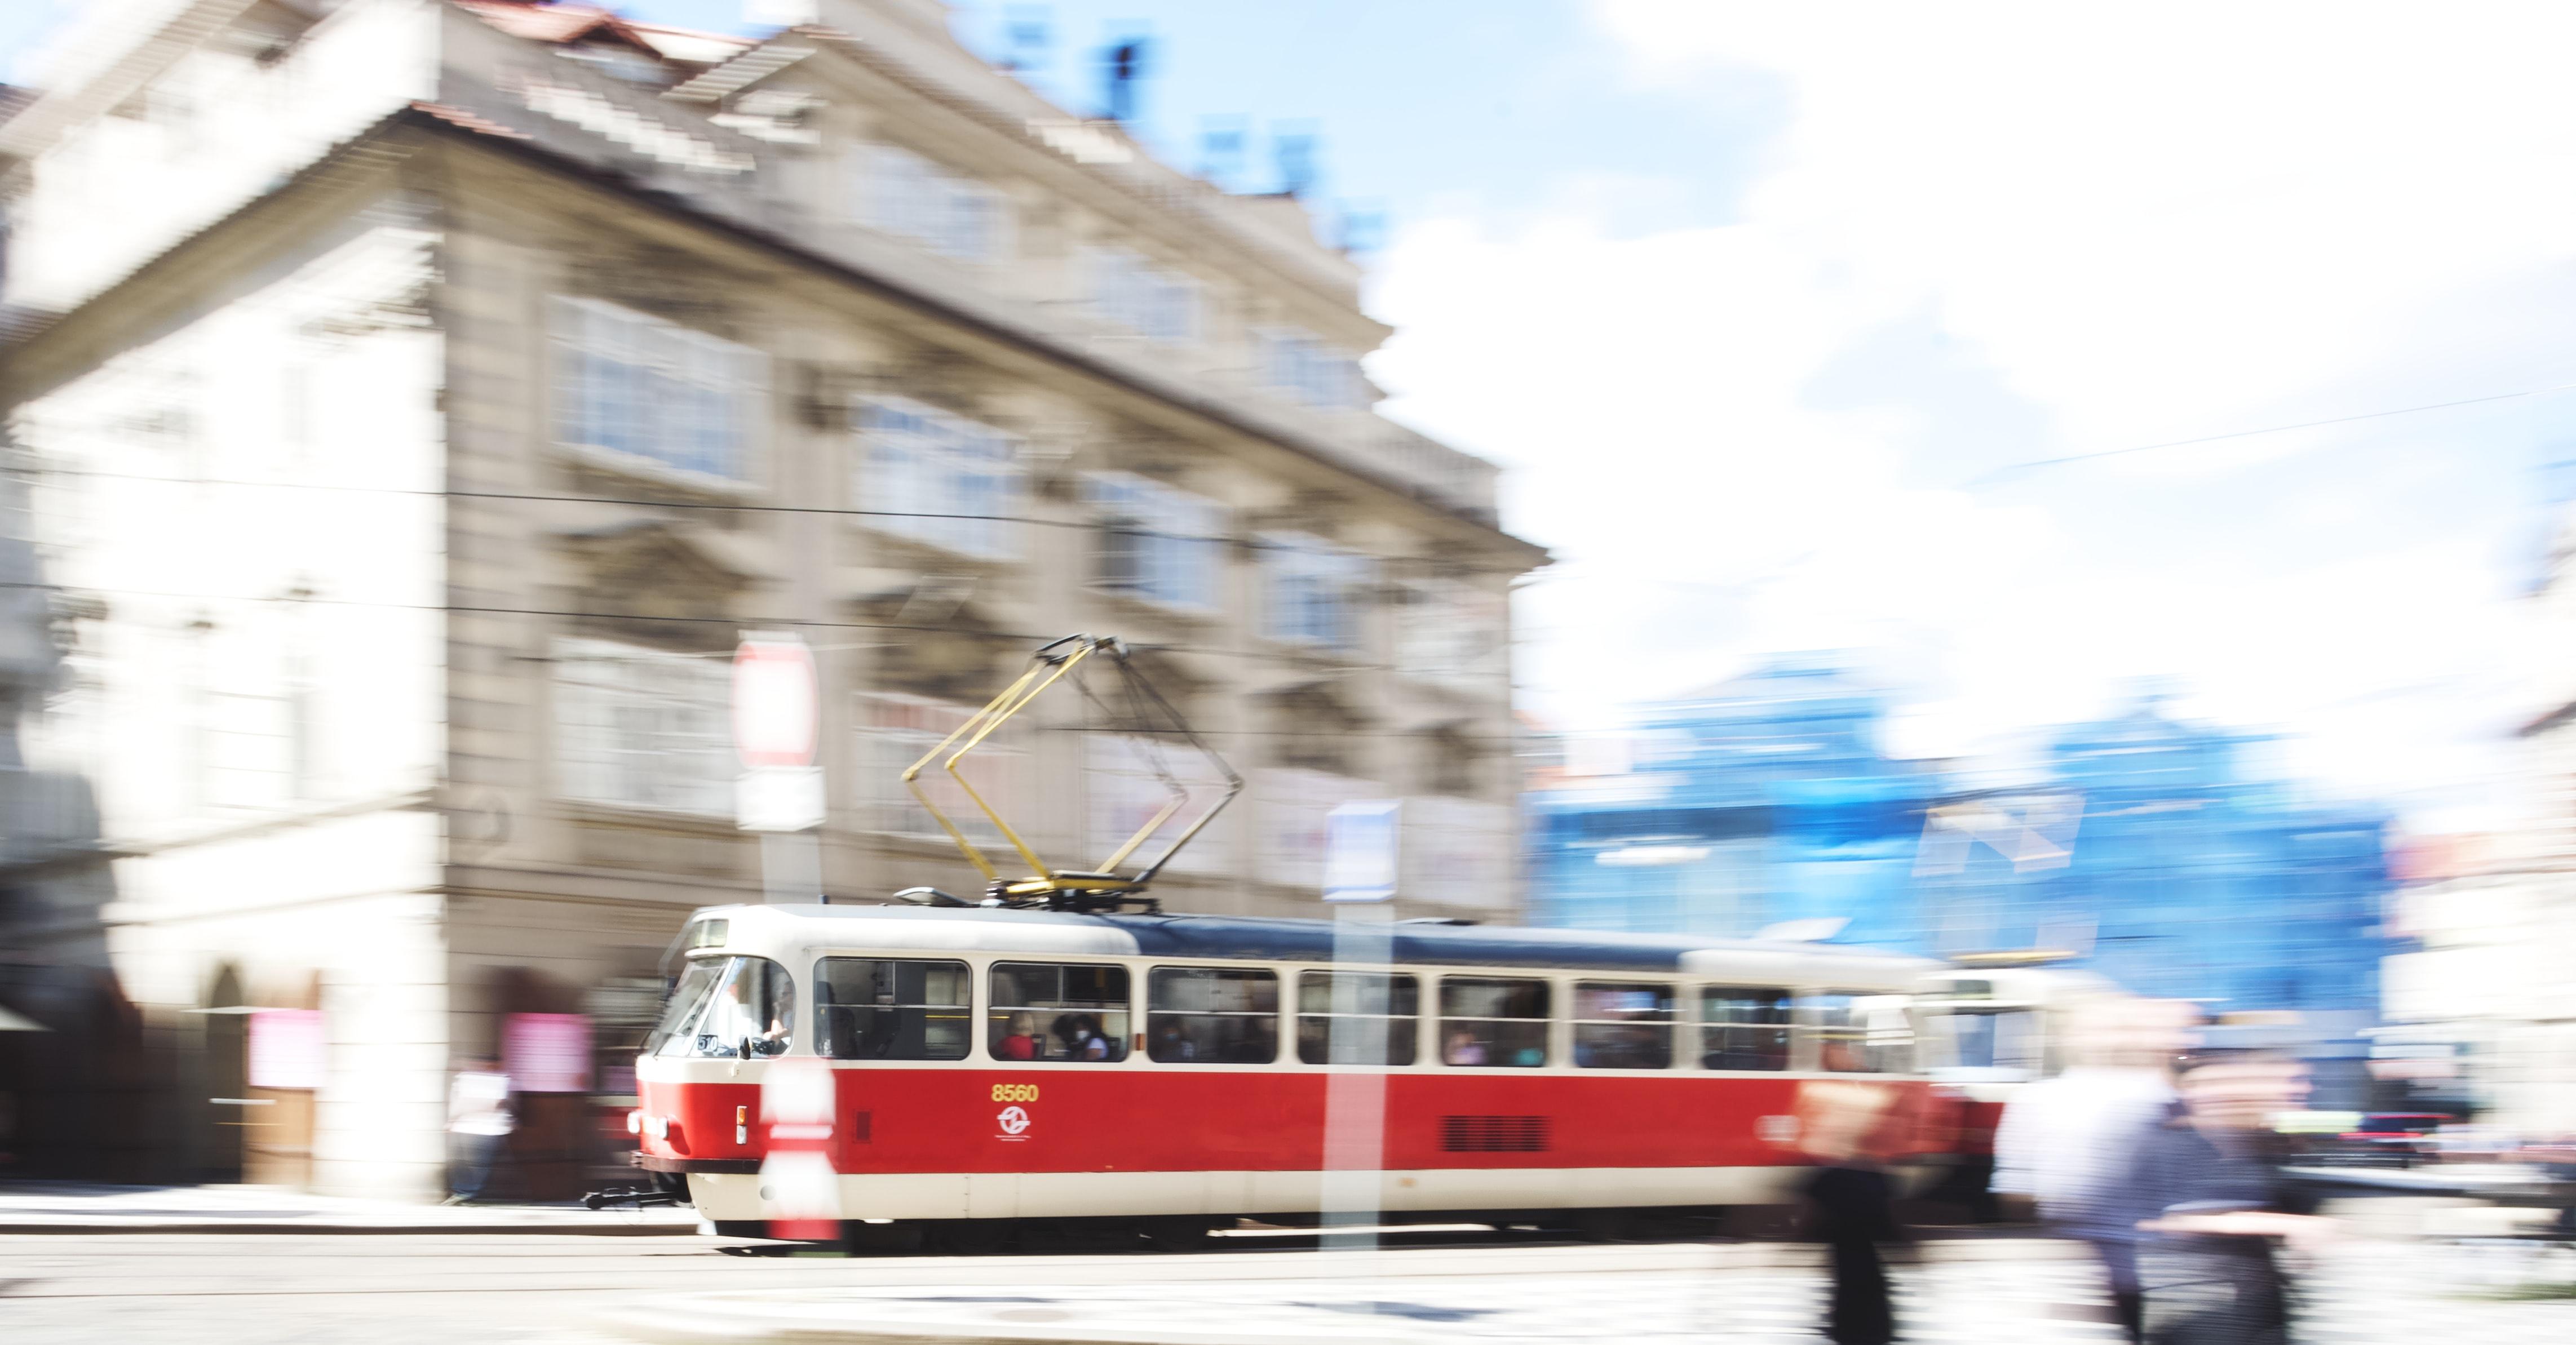 Vinografí tramvaj